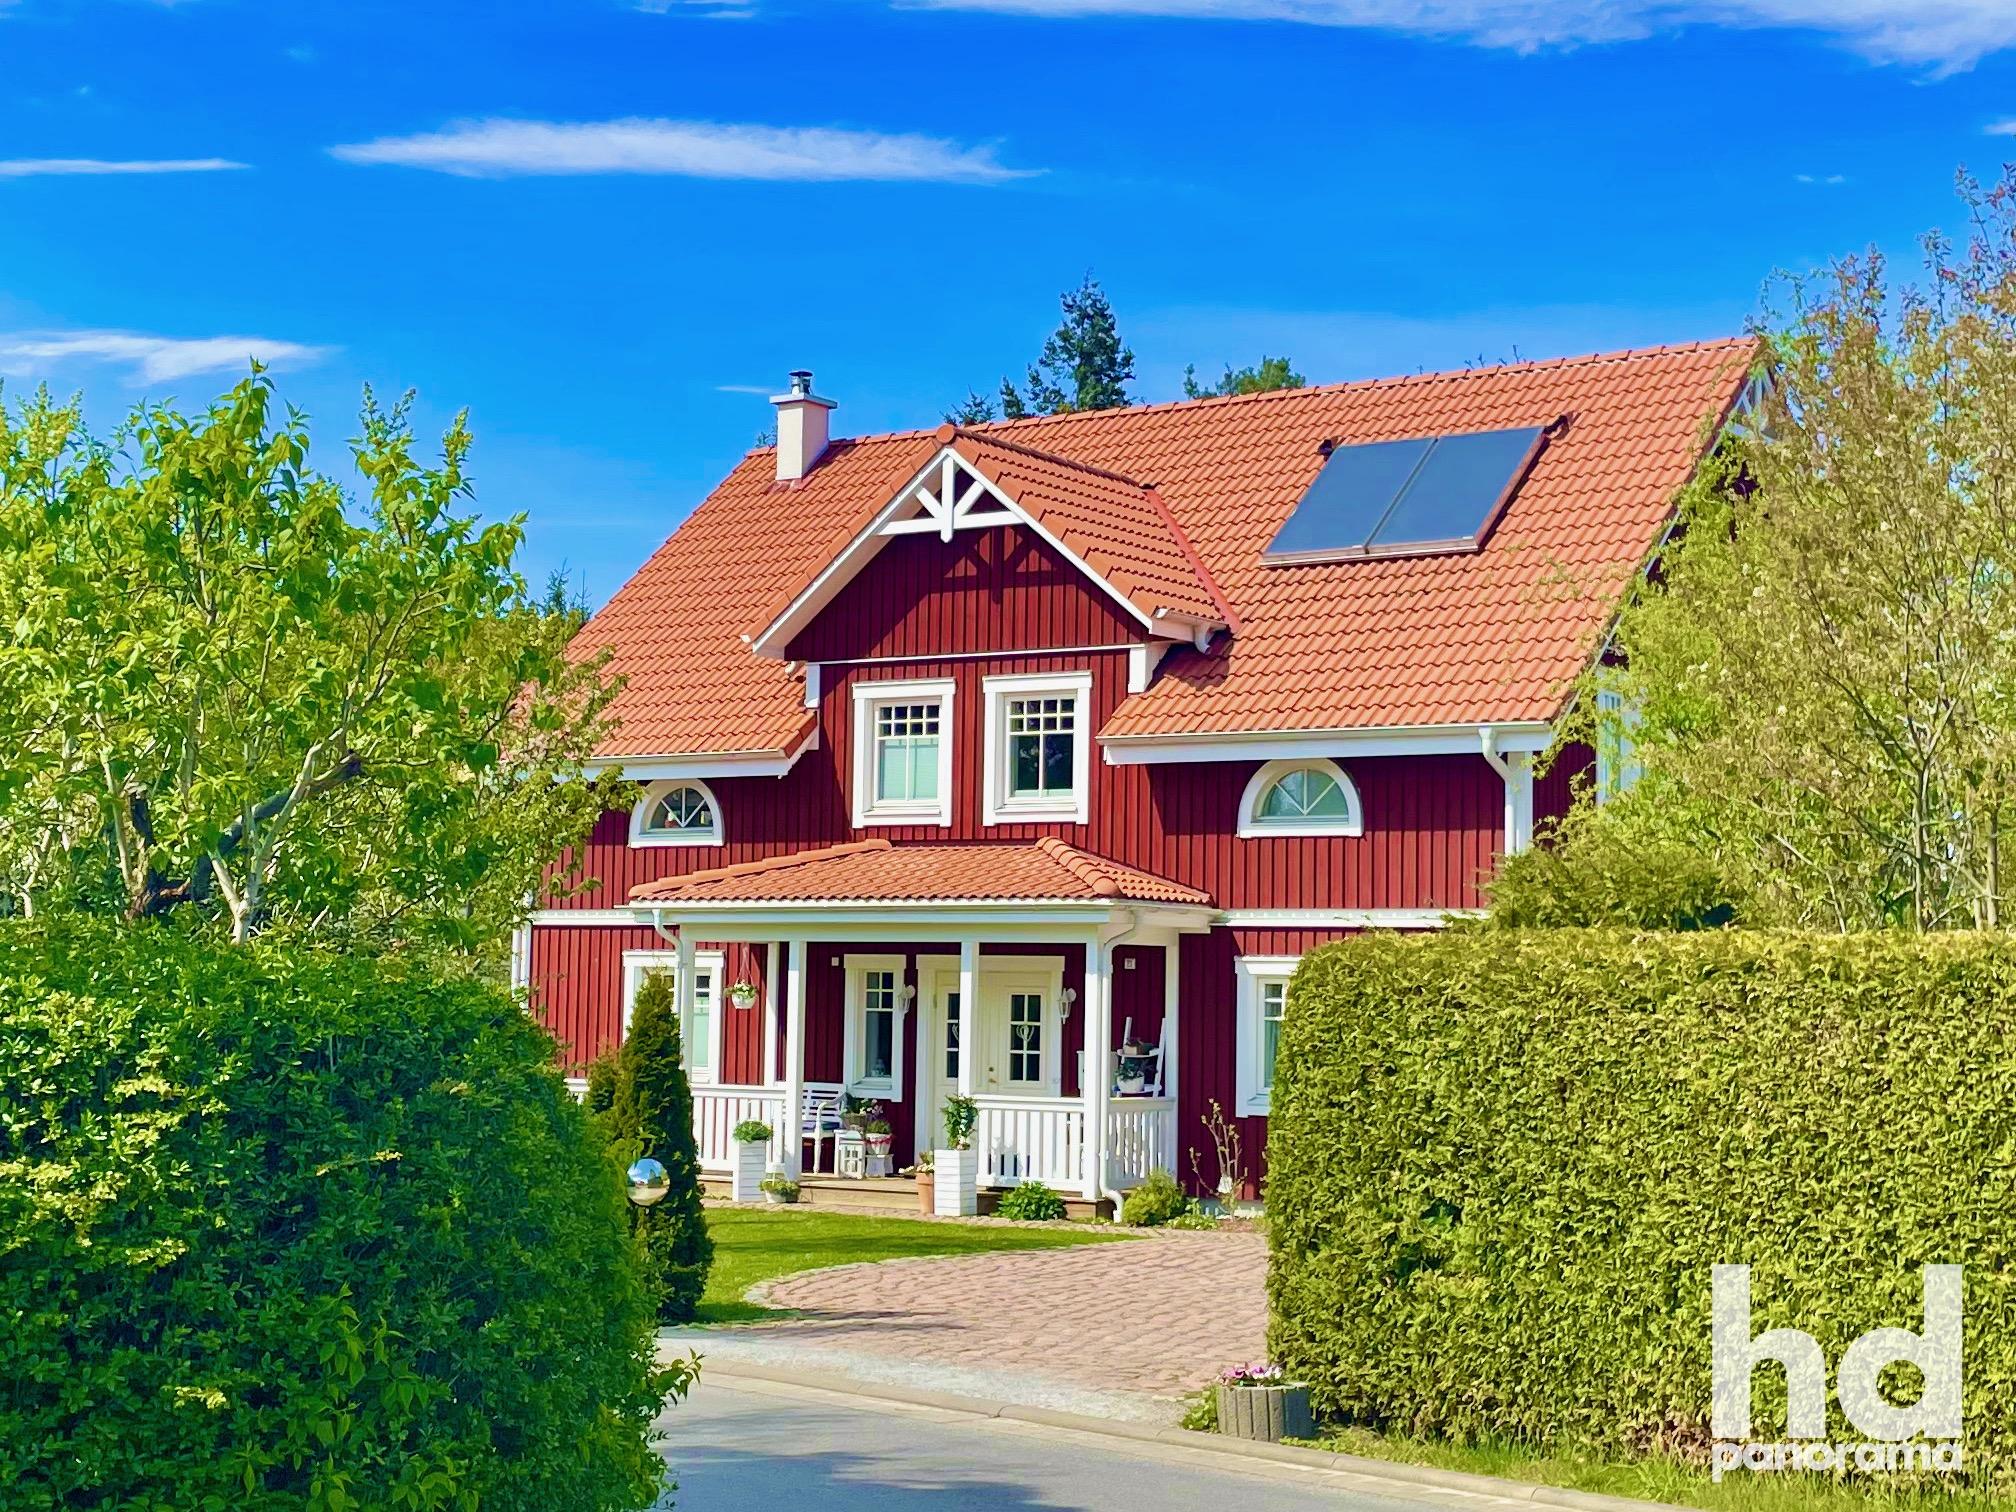 Schönes Schwedenhaus © Foto René Blanke